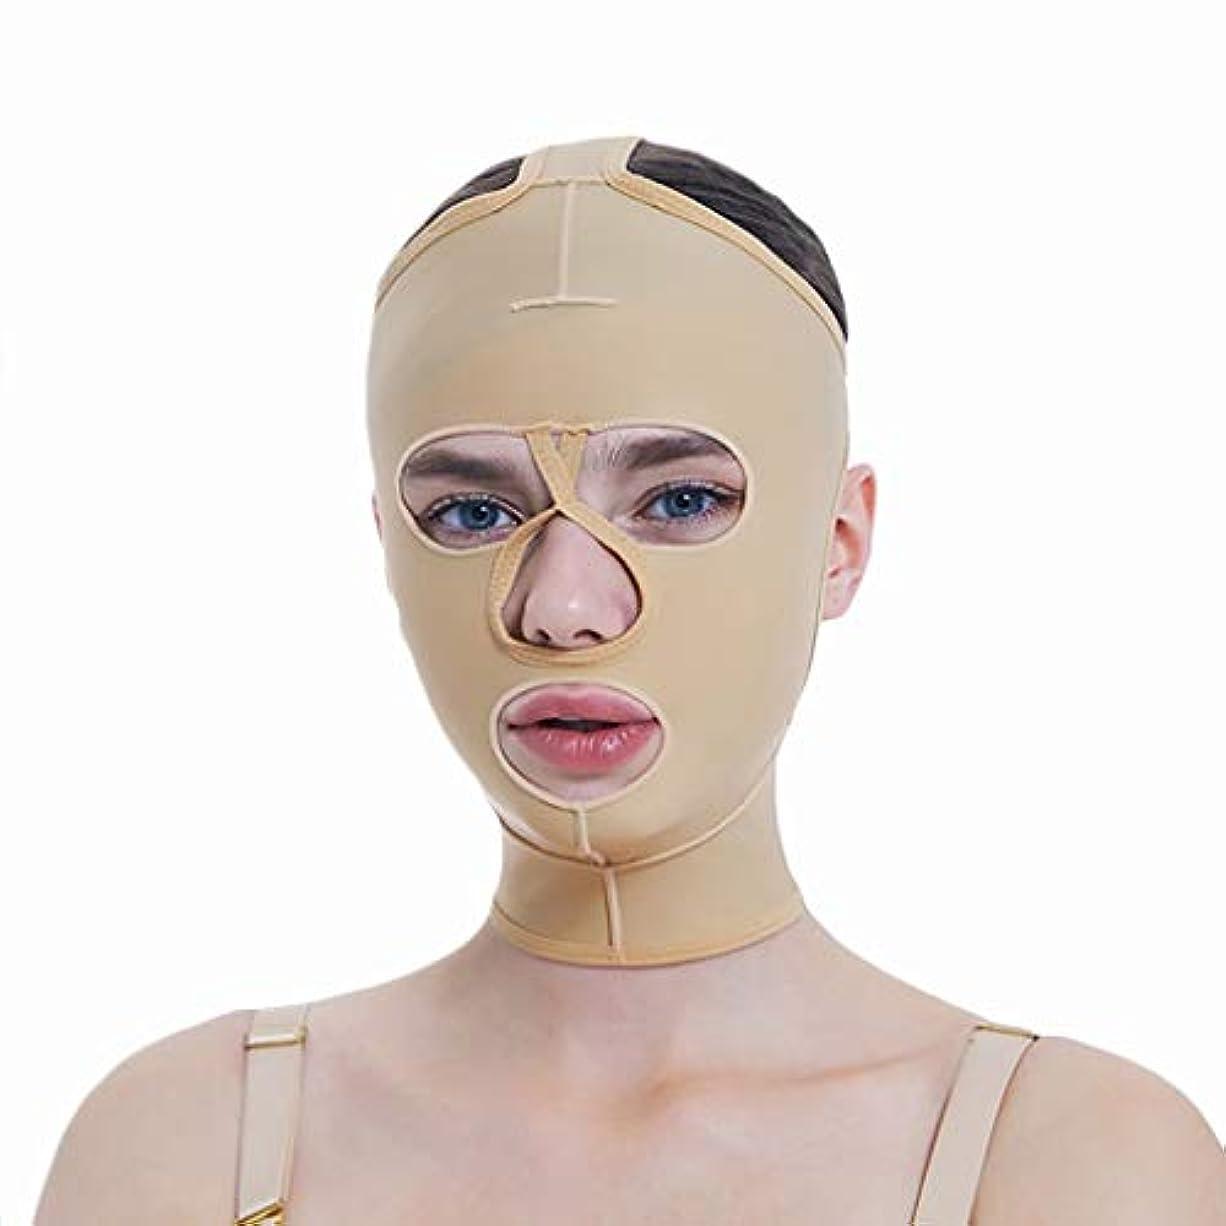 背景残高里親XHLMRMJ 顔の減量マスク、フルカバレッジ包帯、フルフェイスリフティングマスク、フェイスマスク、快適で通気性、リフティングシェーピング (Size : M)